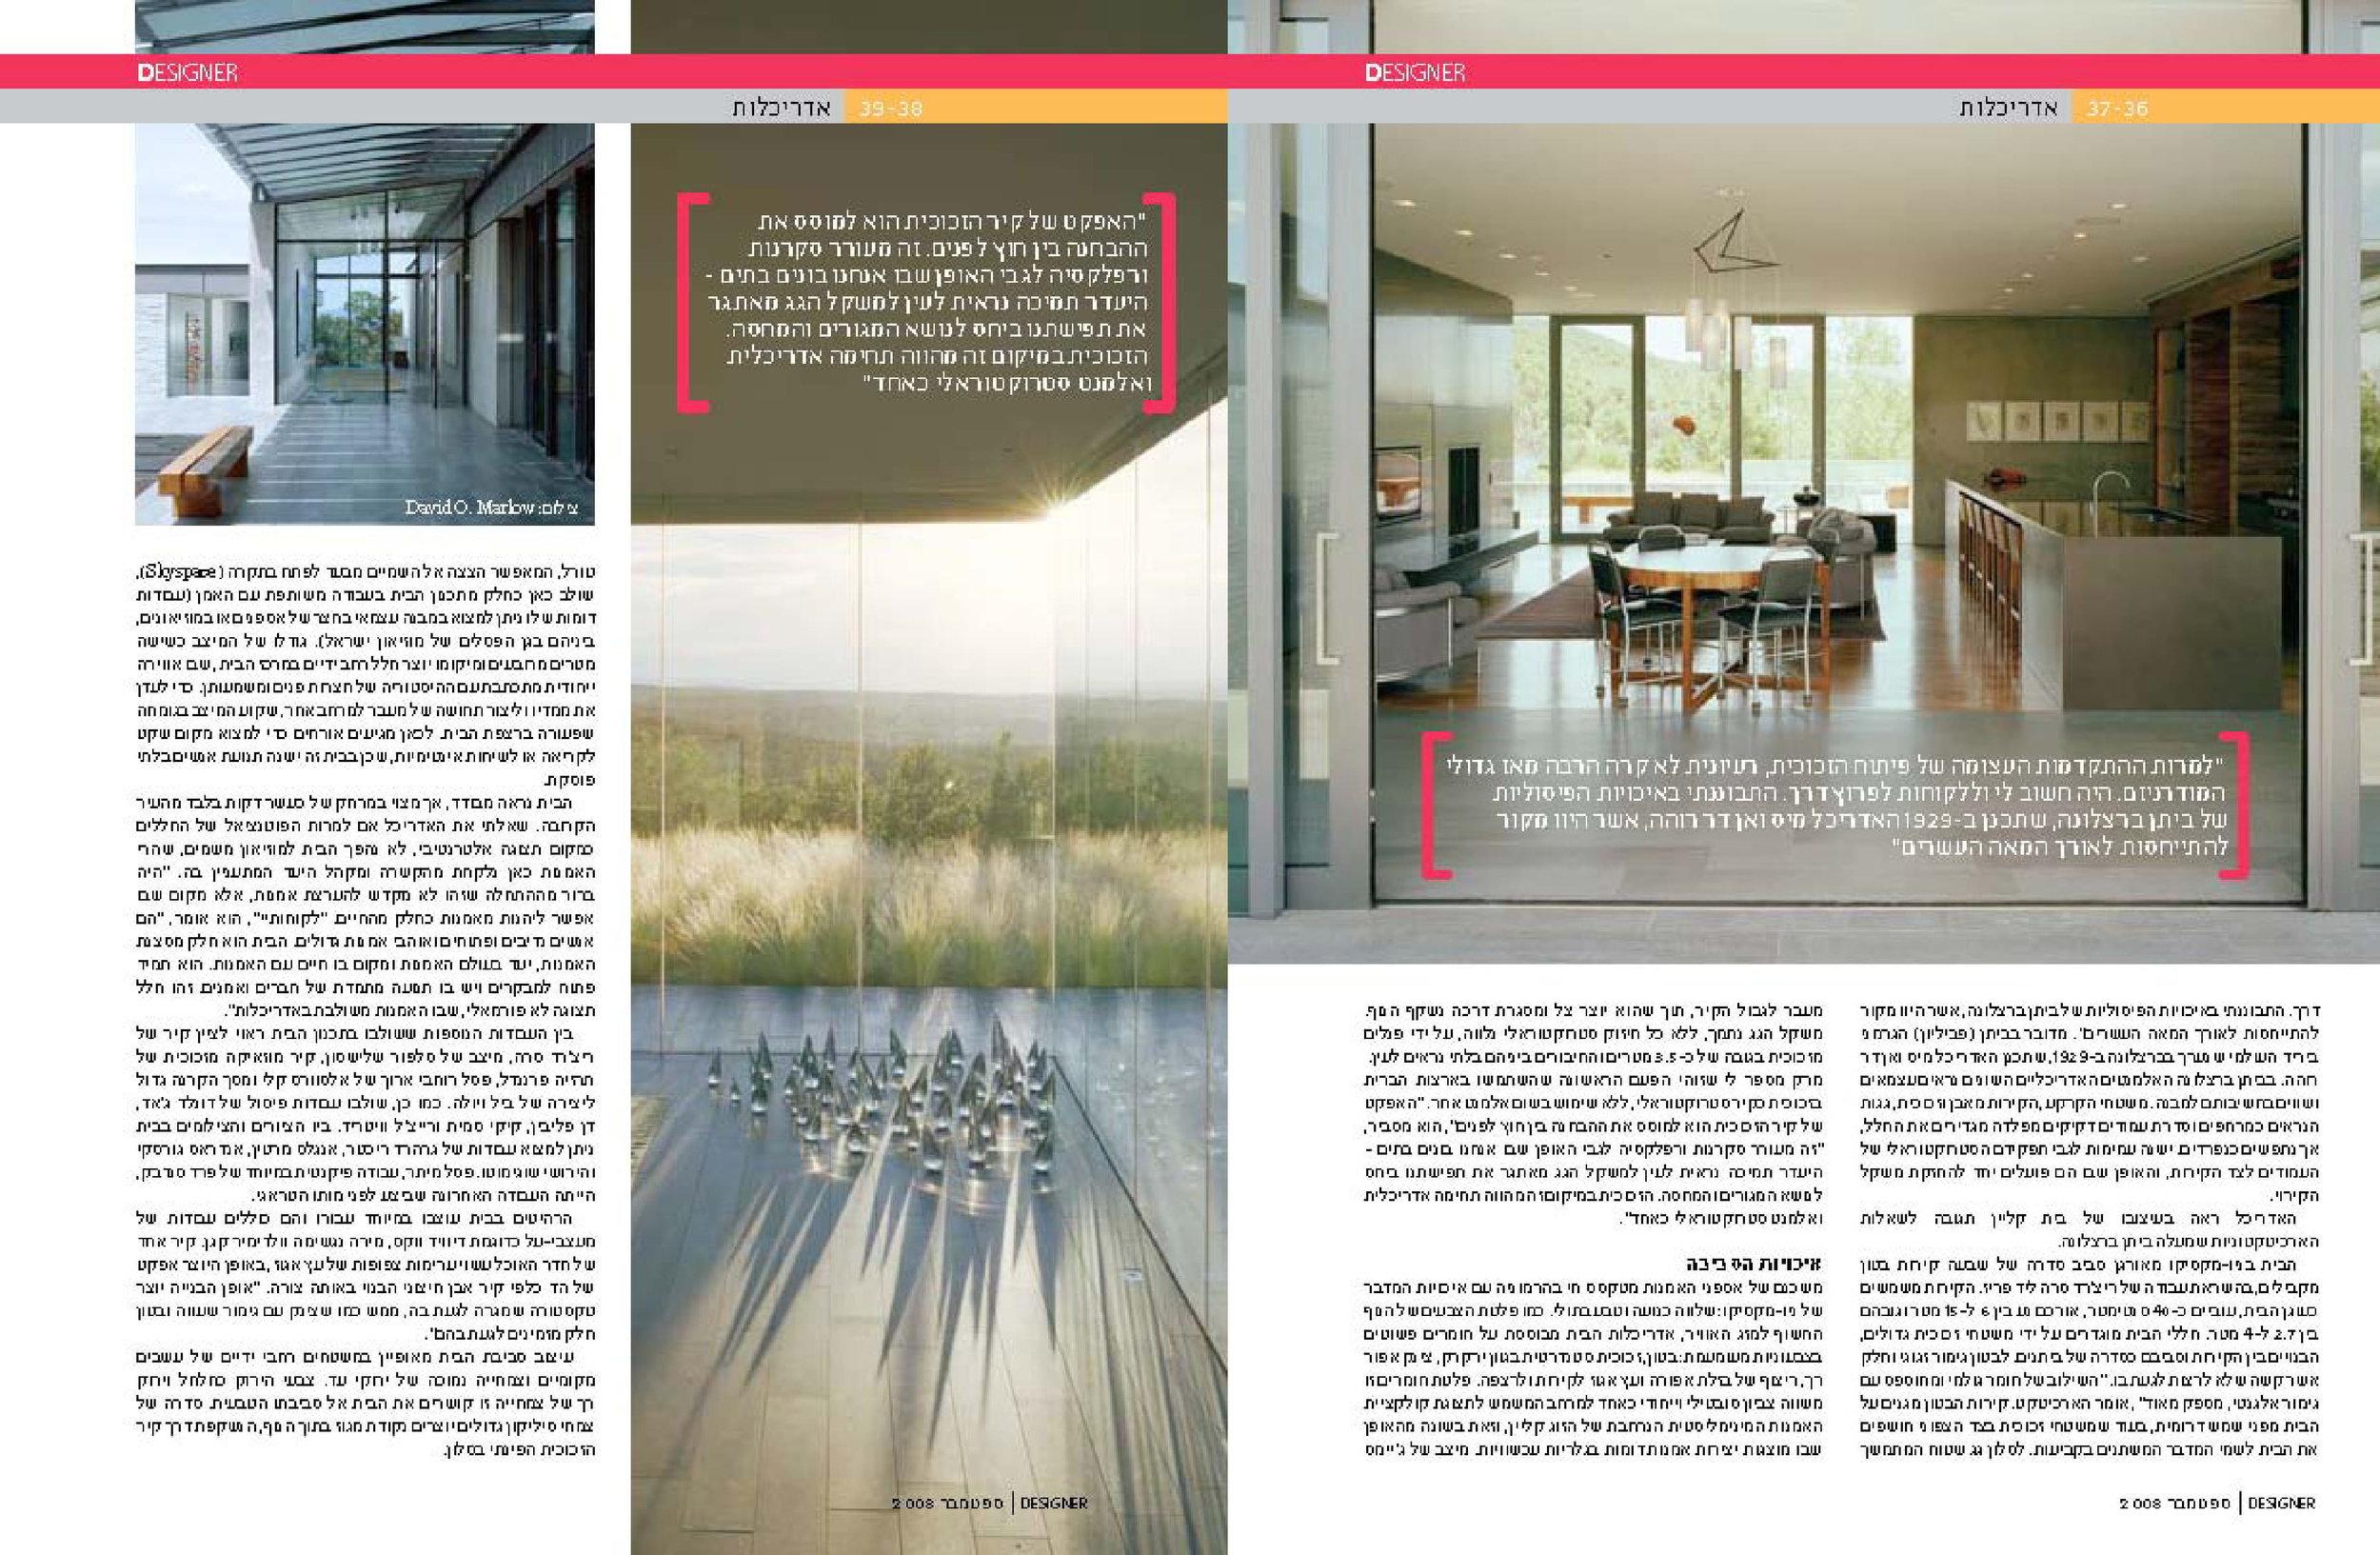 DuBois+Santa+Fe+Designer+of+Haaretz-3.jpg